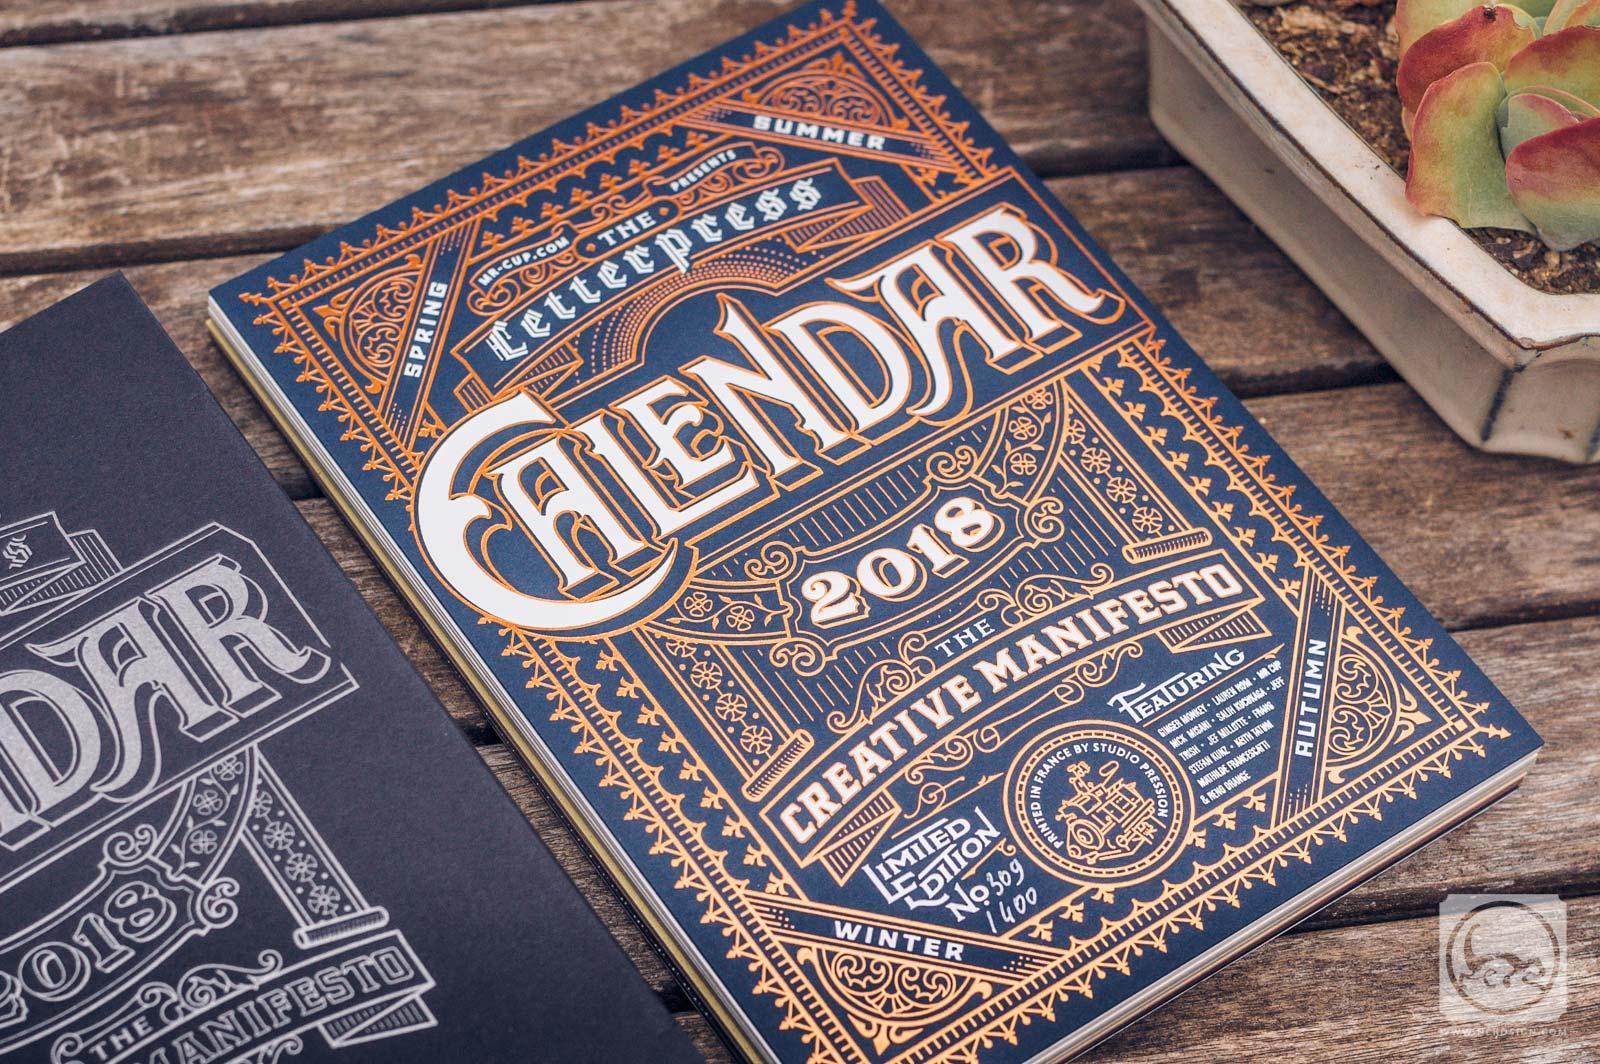 Calendrier letterpress 2018 Couverture